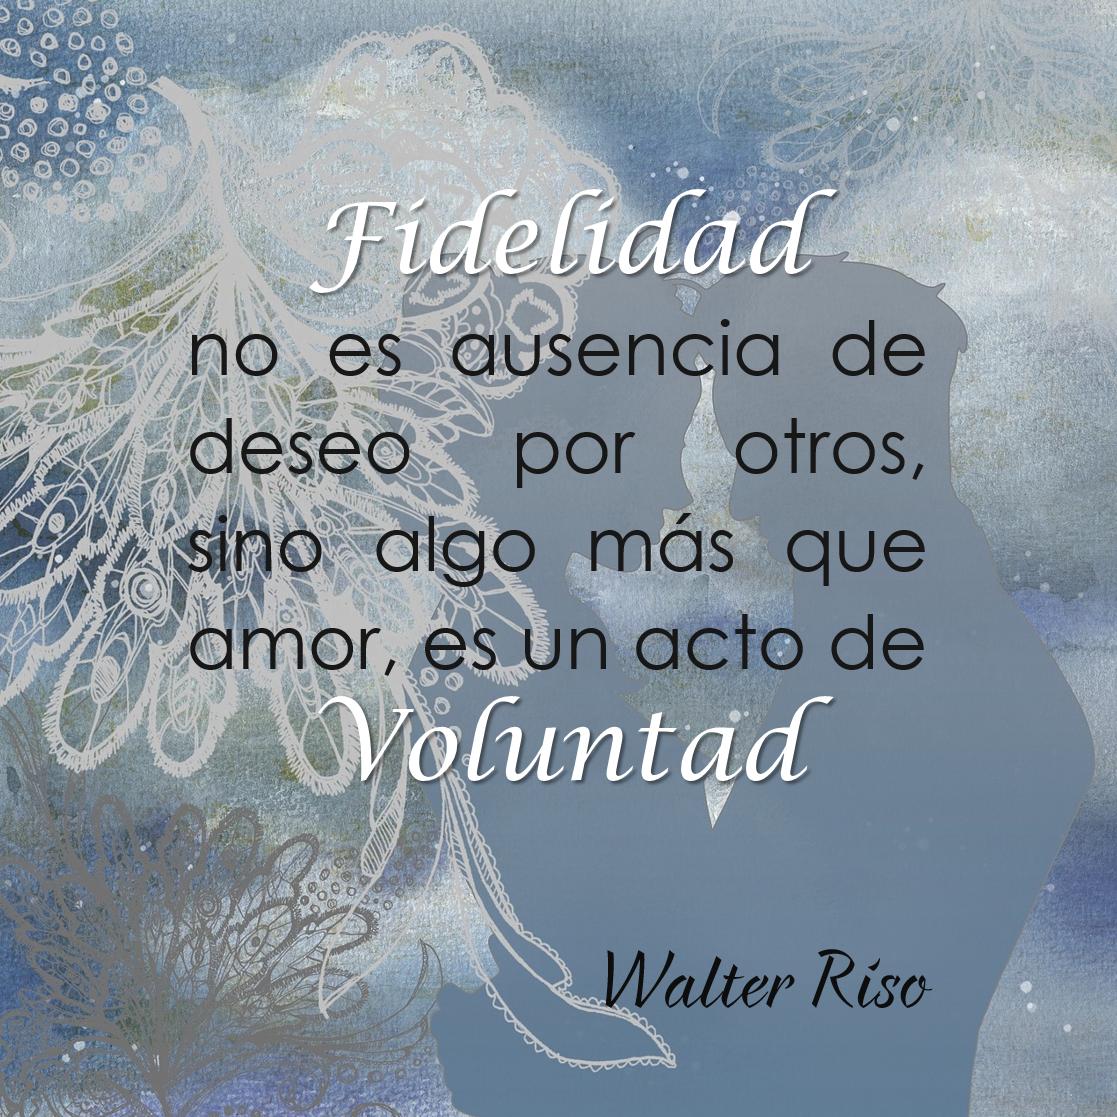 Lecciones para amar: Frase de Walter Riso sobre la fidelidad